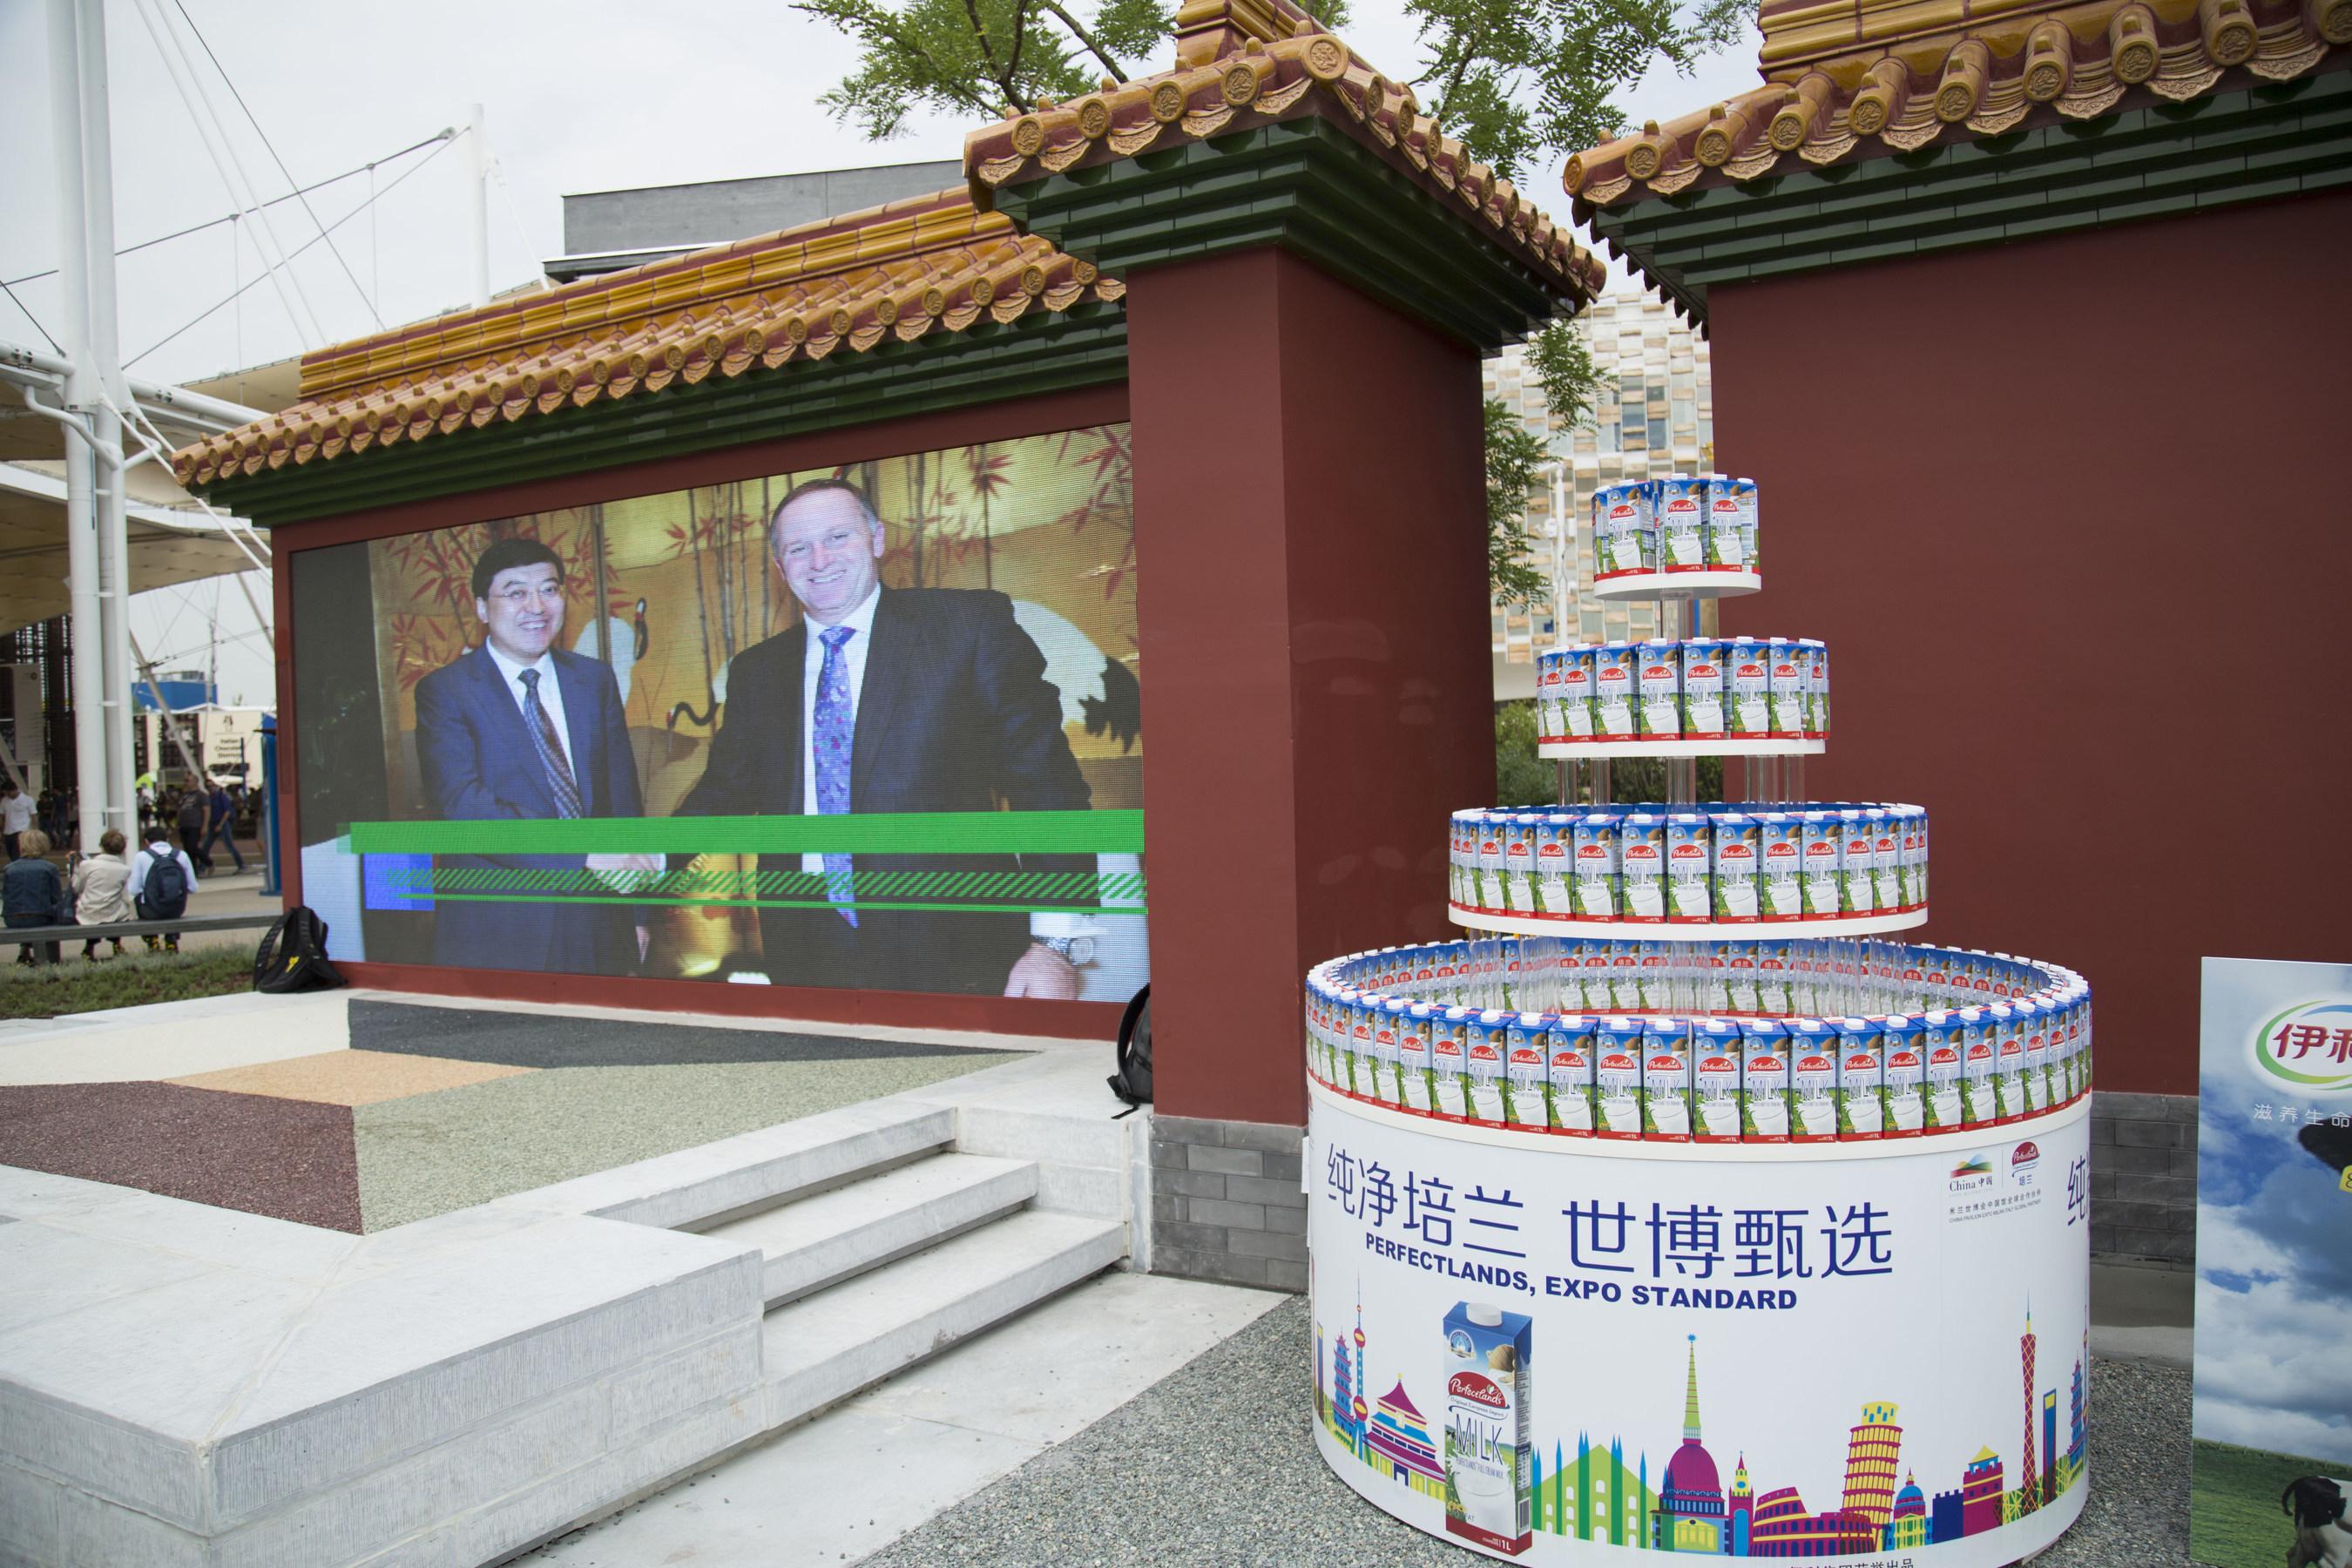 Yili asiste al Día de China en Milano Expo para exponer su fuerza en innovación